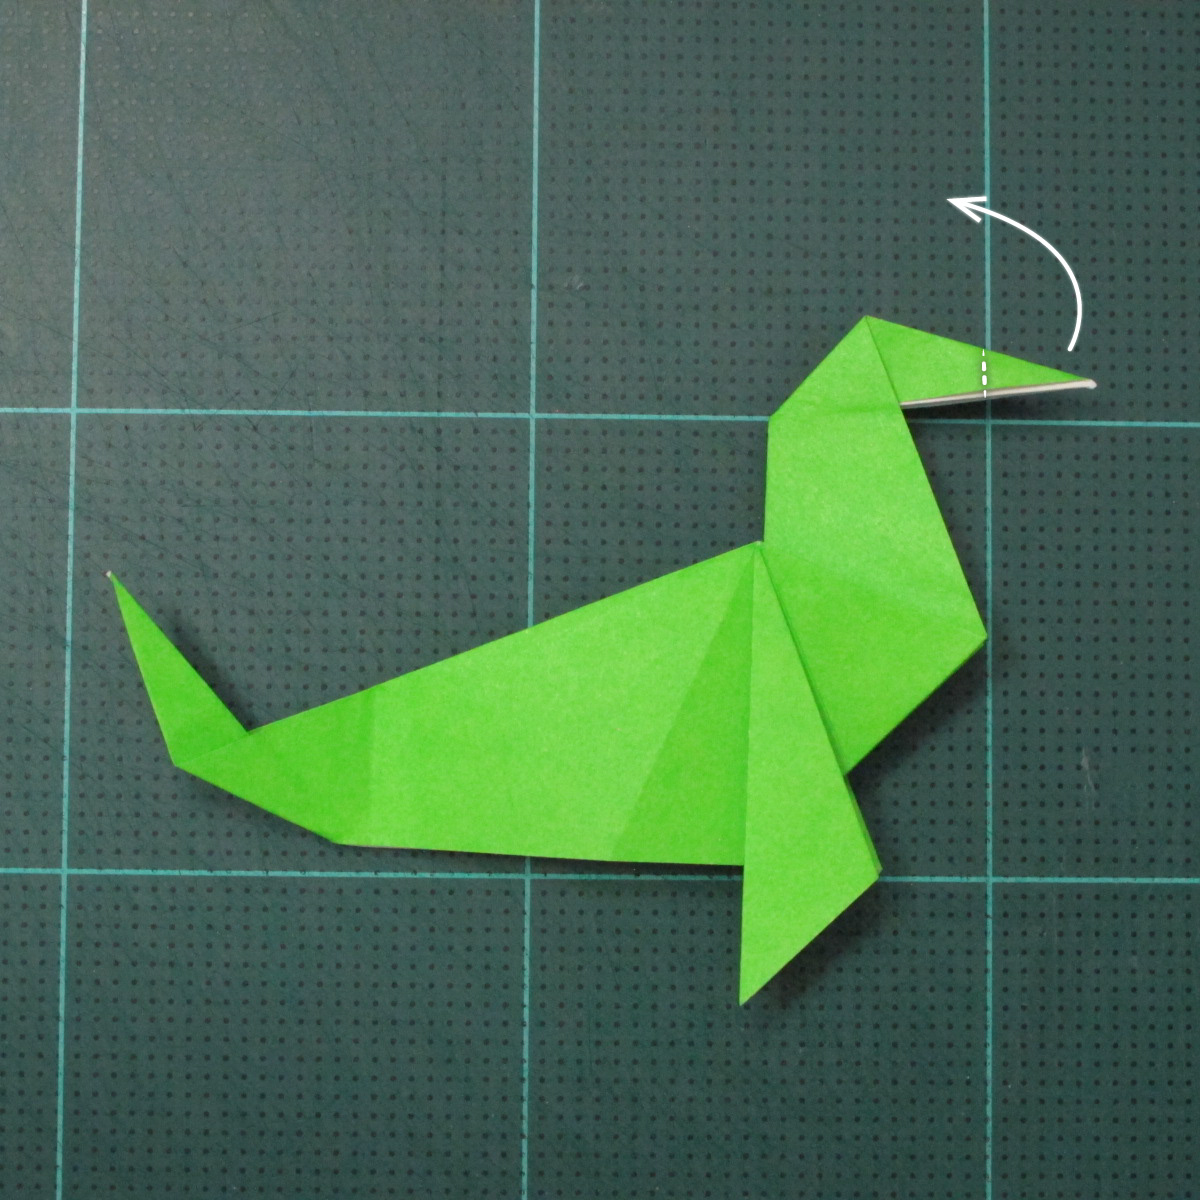 การพับกระดาษเป็นรูปแมวน้ำ (Origami Seal) 010